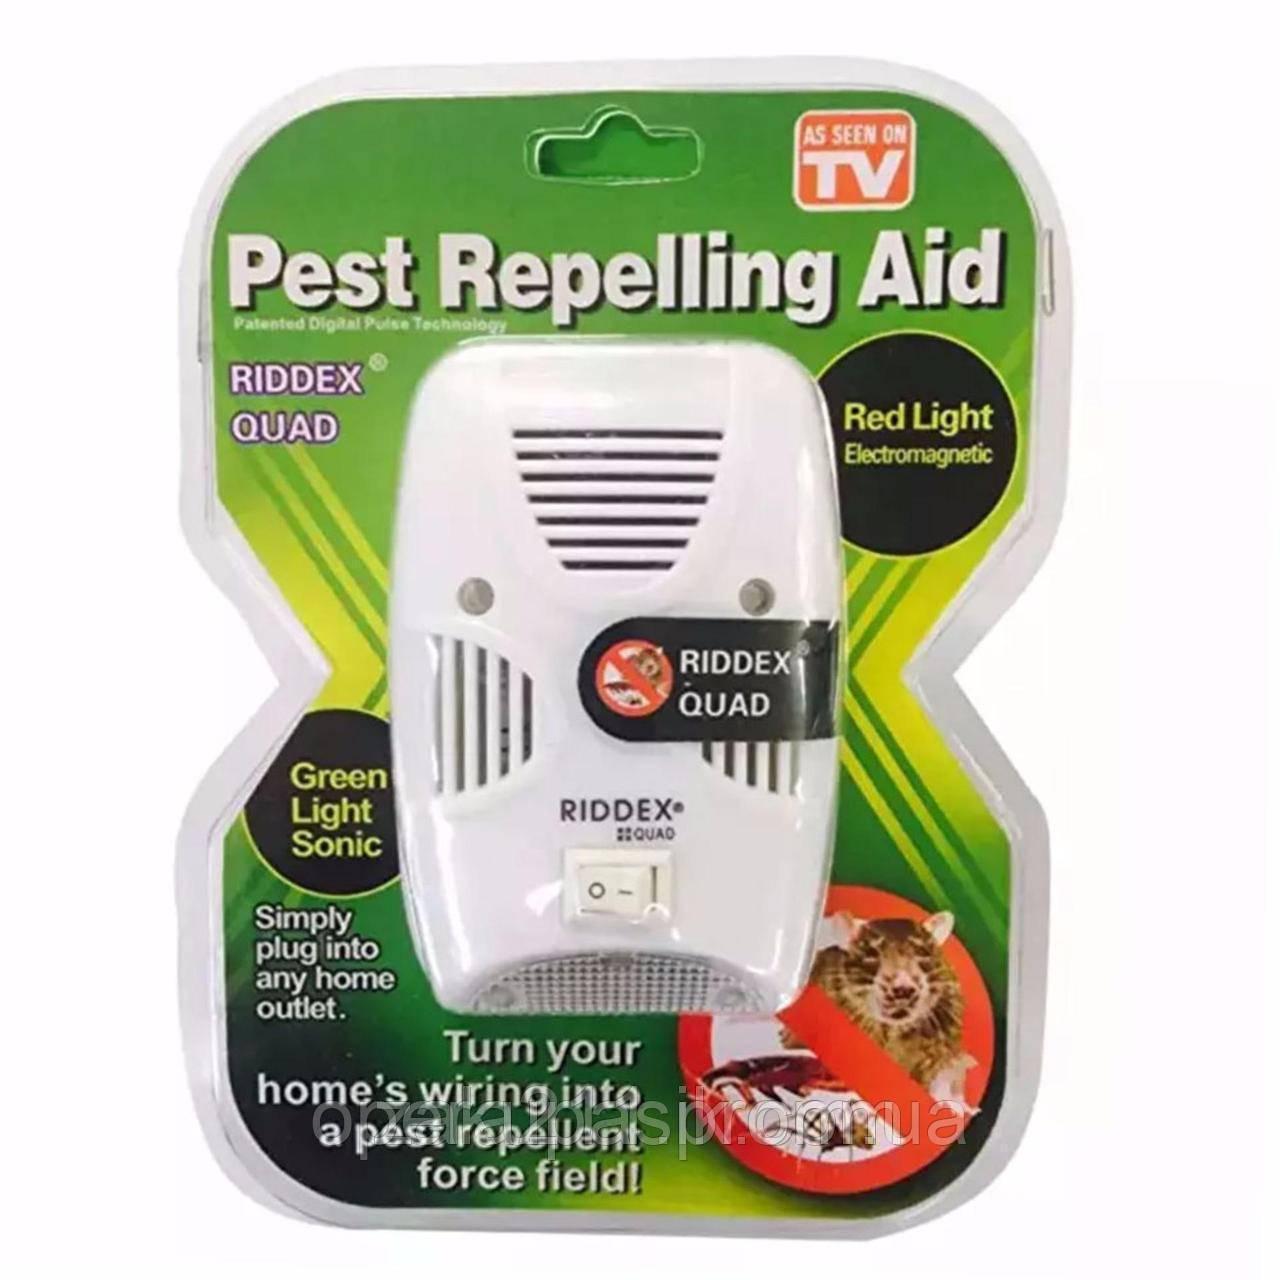 Электромагнитный отпугиватель грызунов (RIDDEX Quad Pest Repelling Aid) (AS SEEN ON TV)